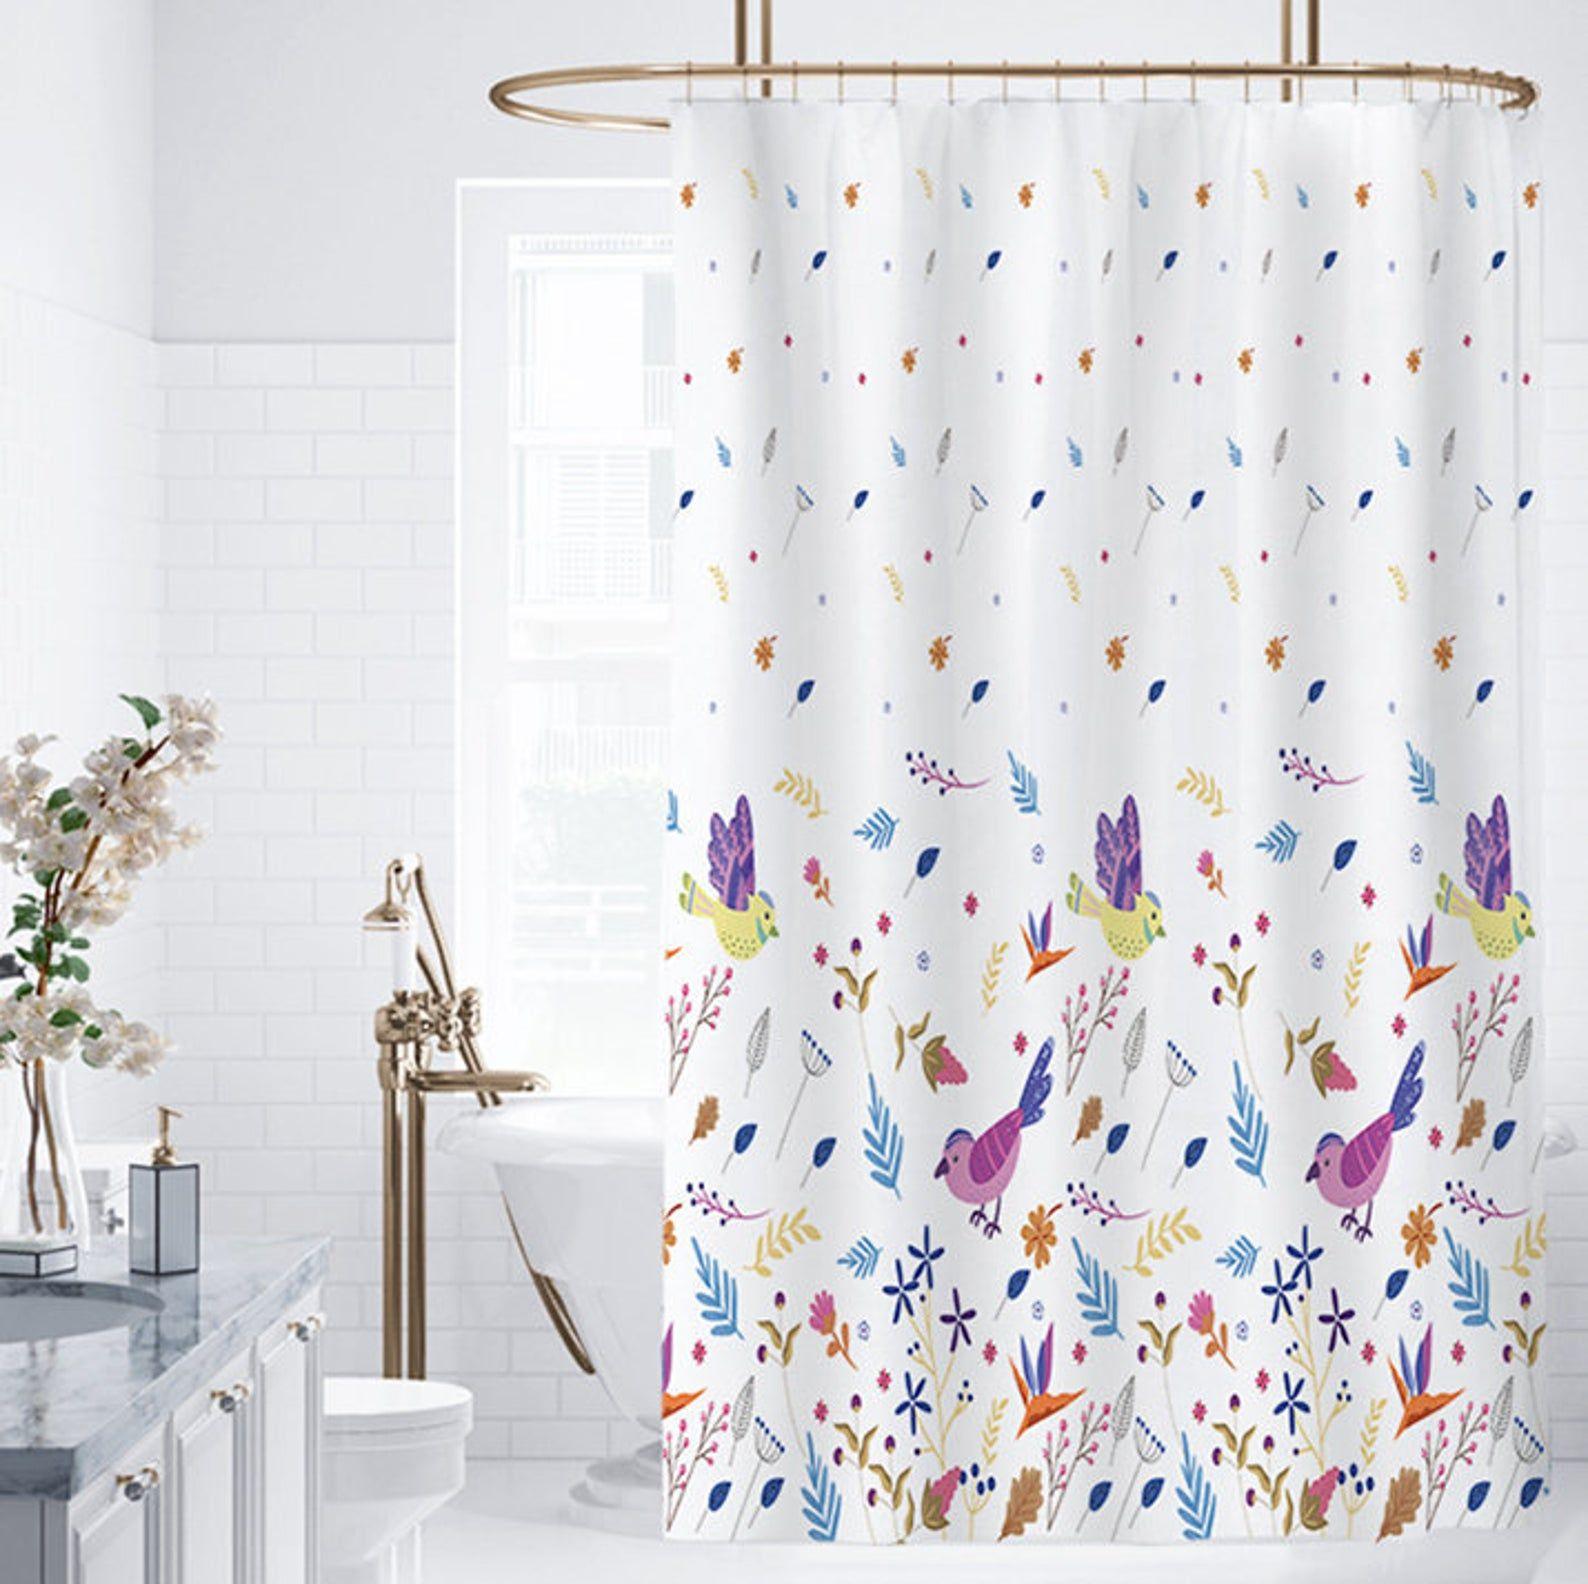 Birds Shower Curtain Custom Size In 2020 Bird Shower Curtain